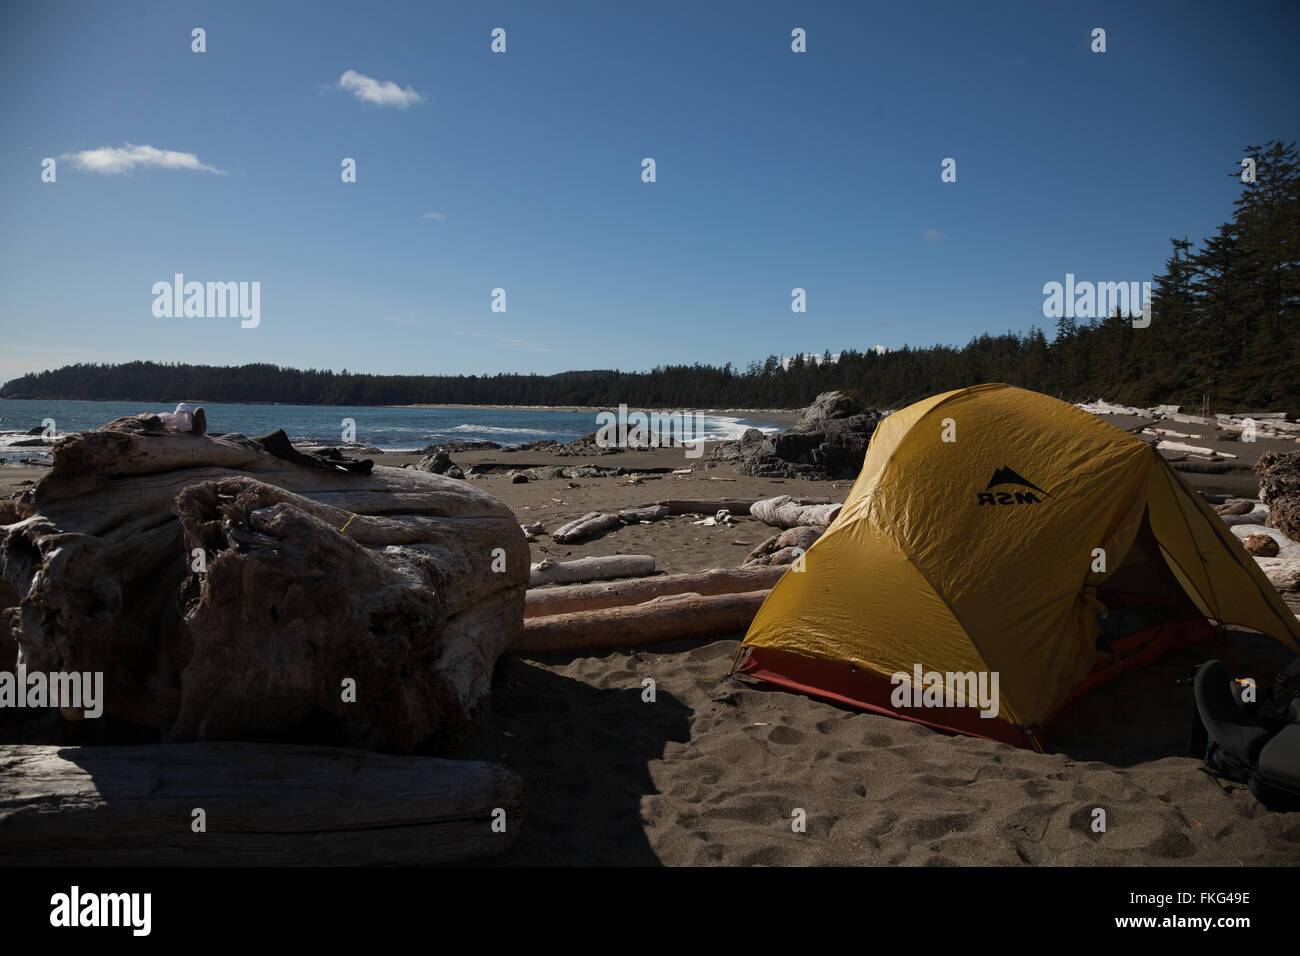 Campeggio a Keeha Bay sull'Isola di Vancouver. Immagini Stock